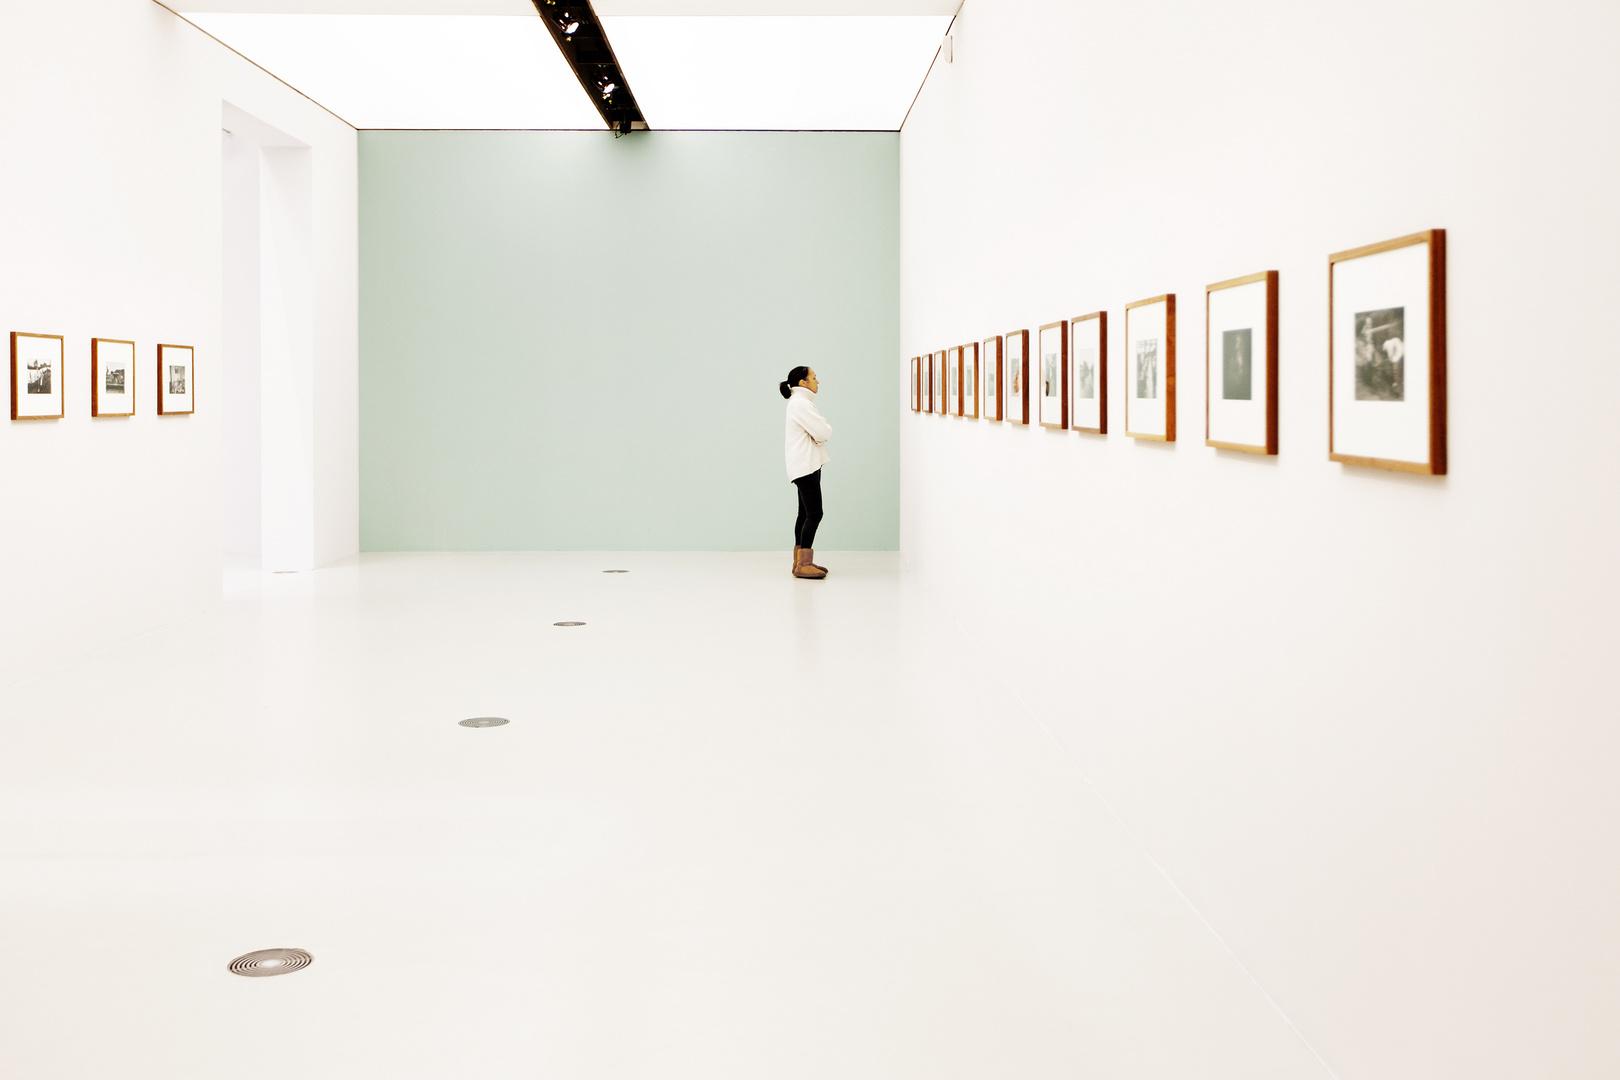 Fotoausstellung III